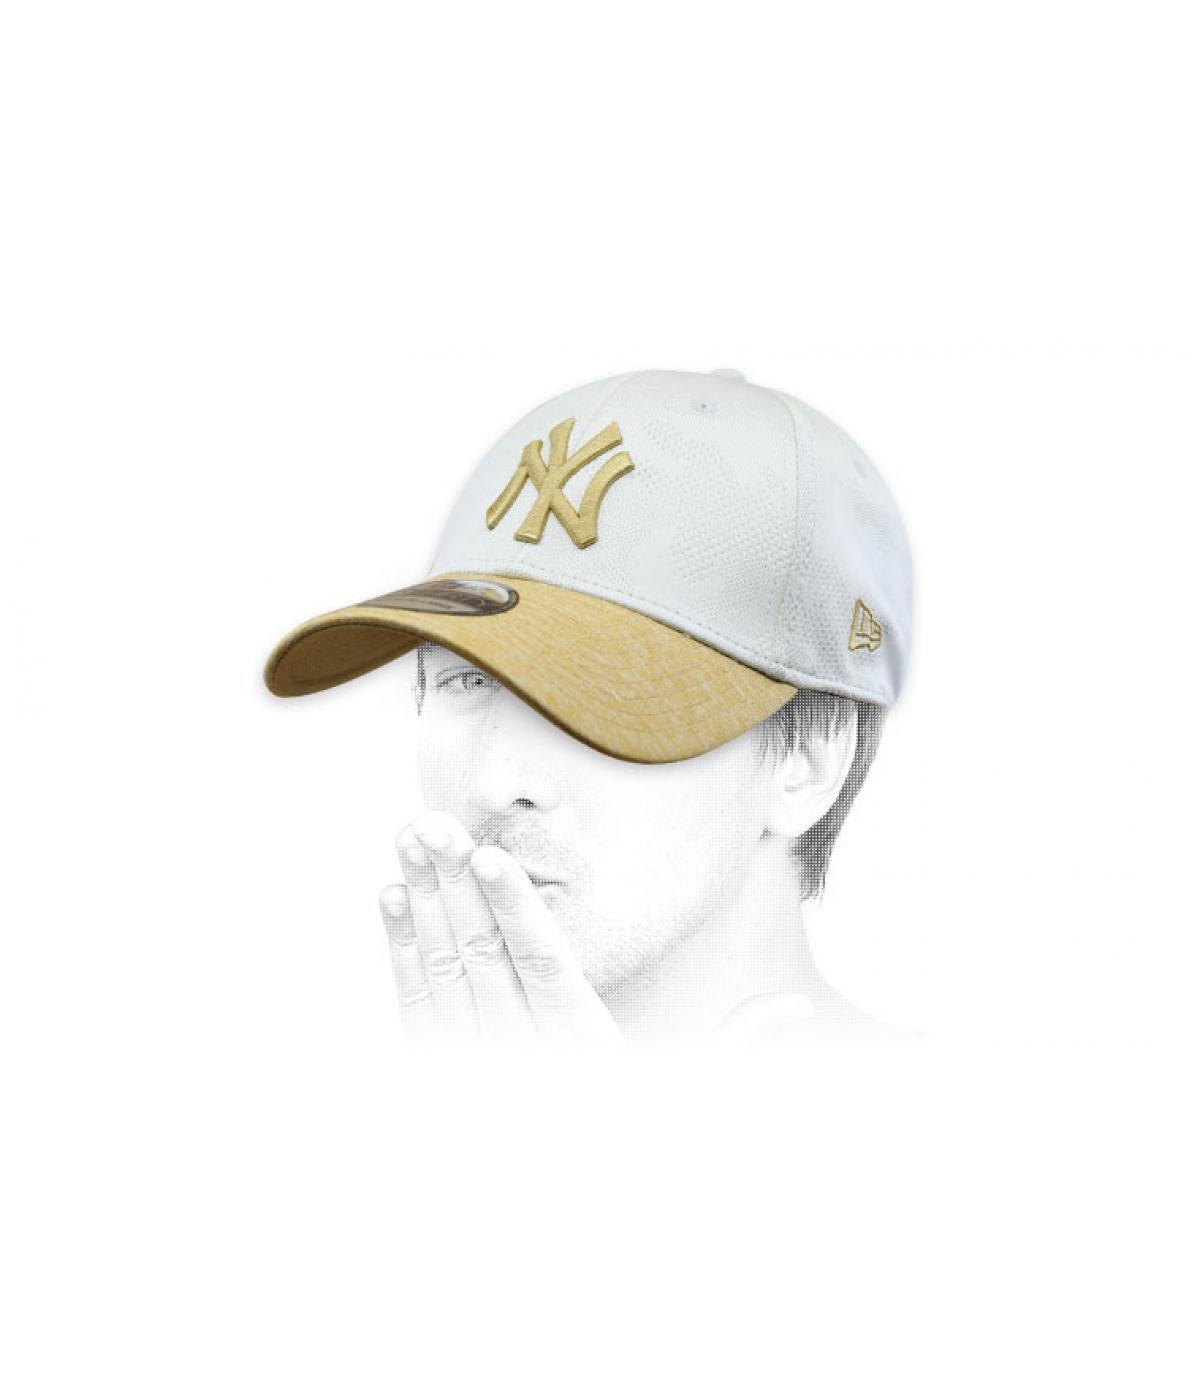 gorra NY beis